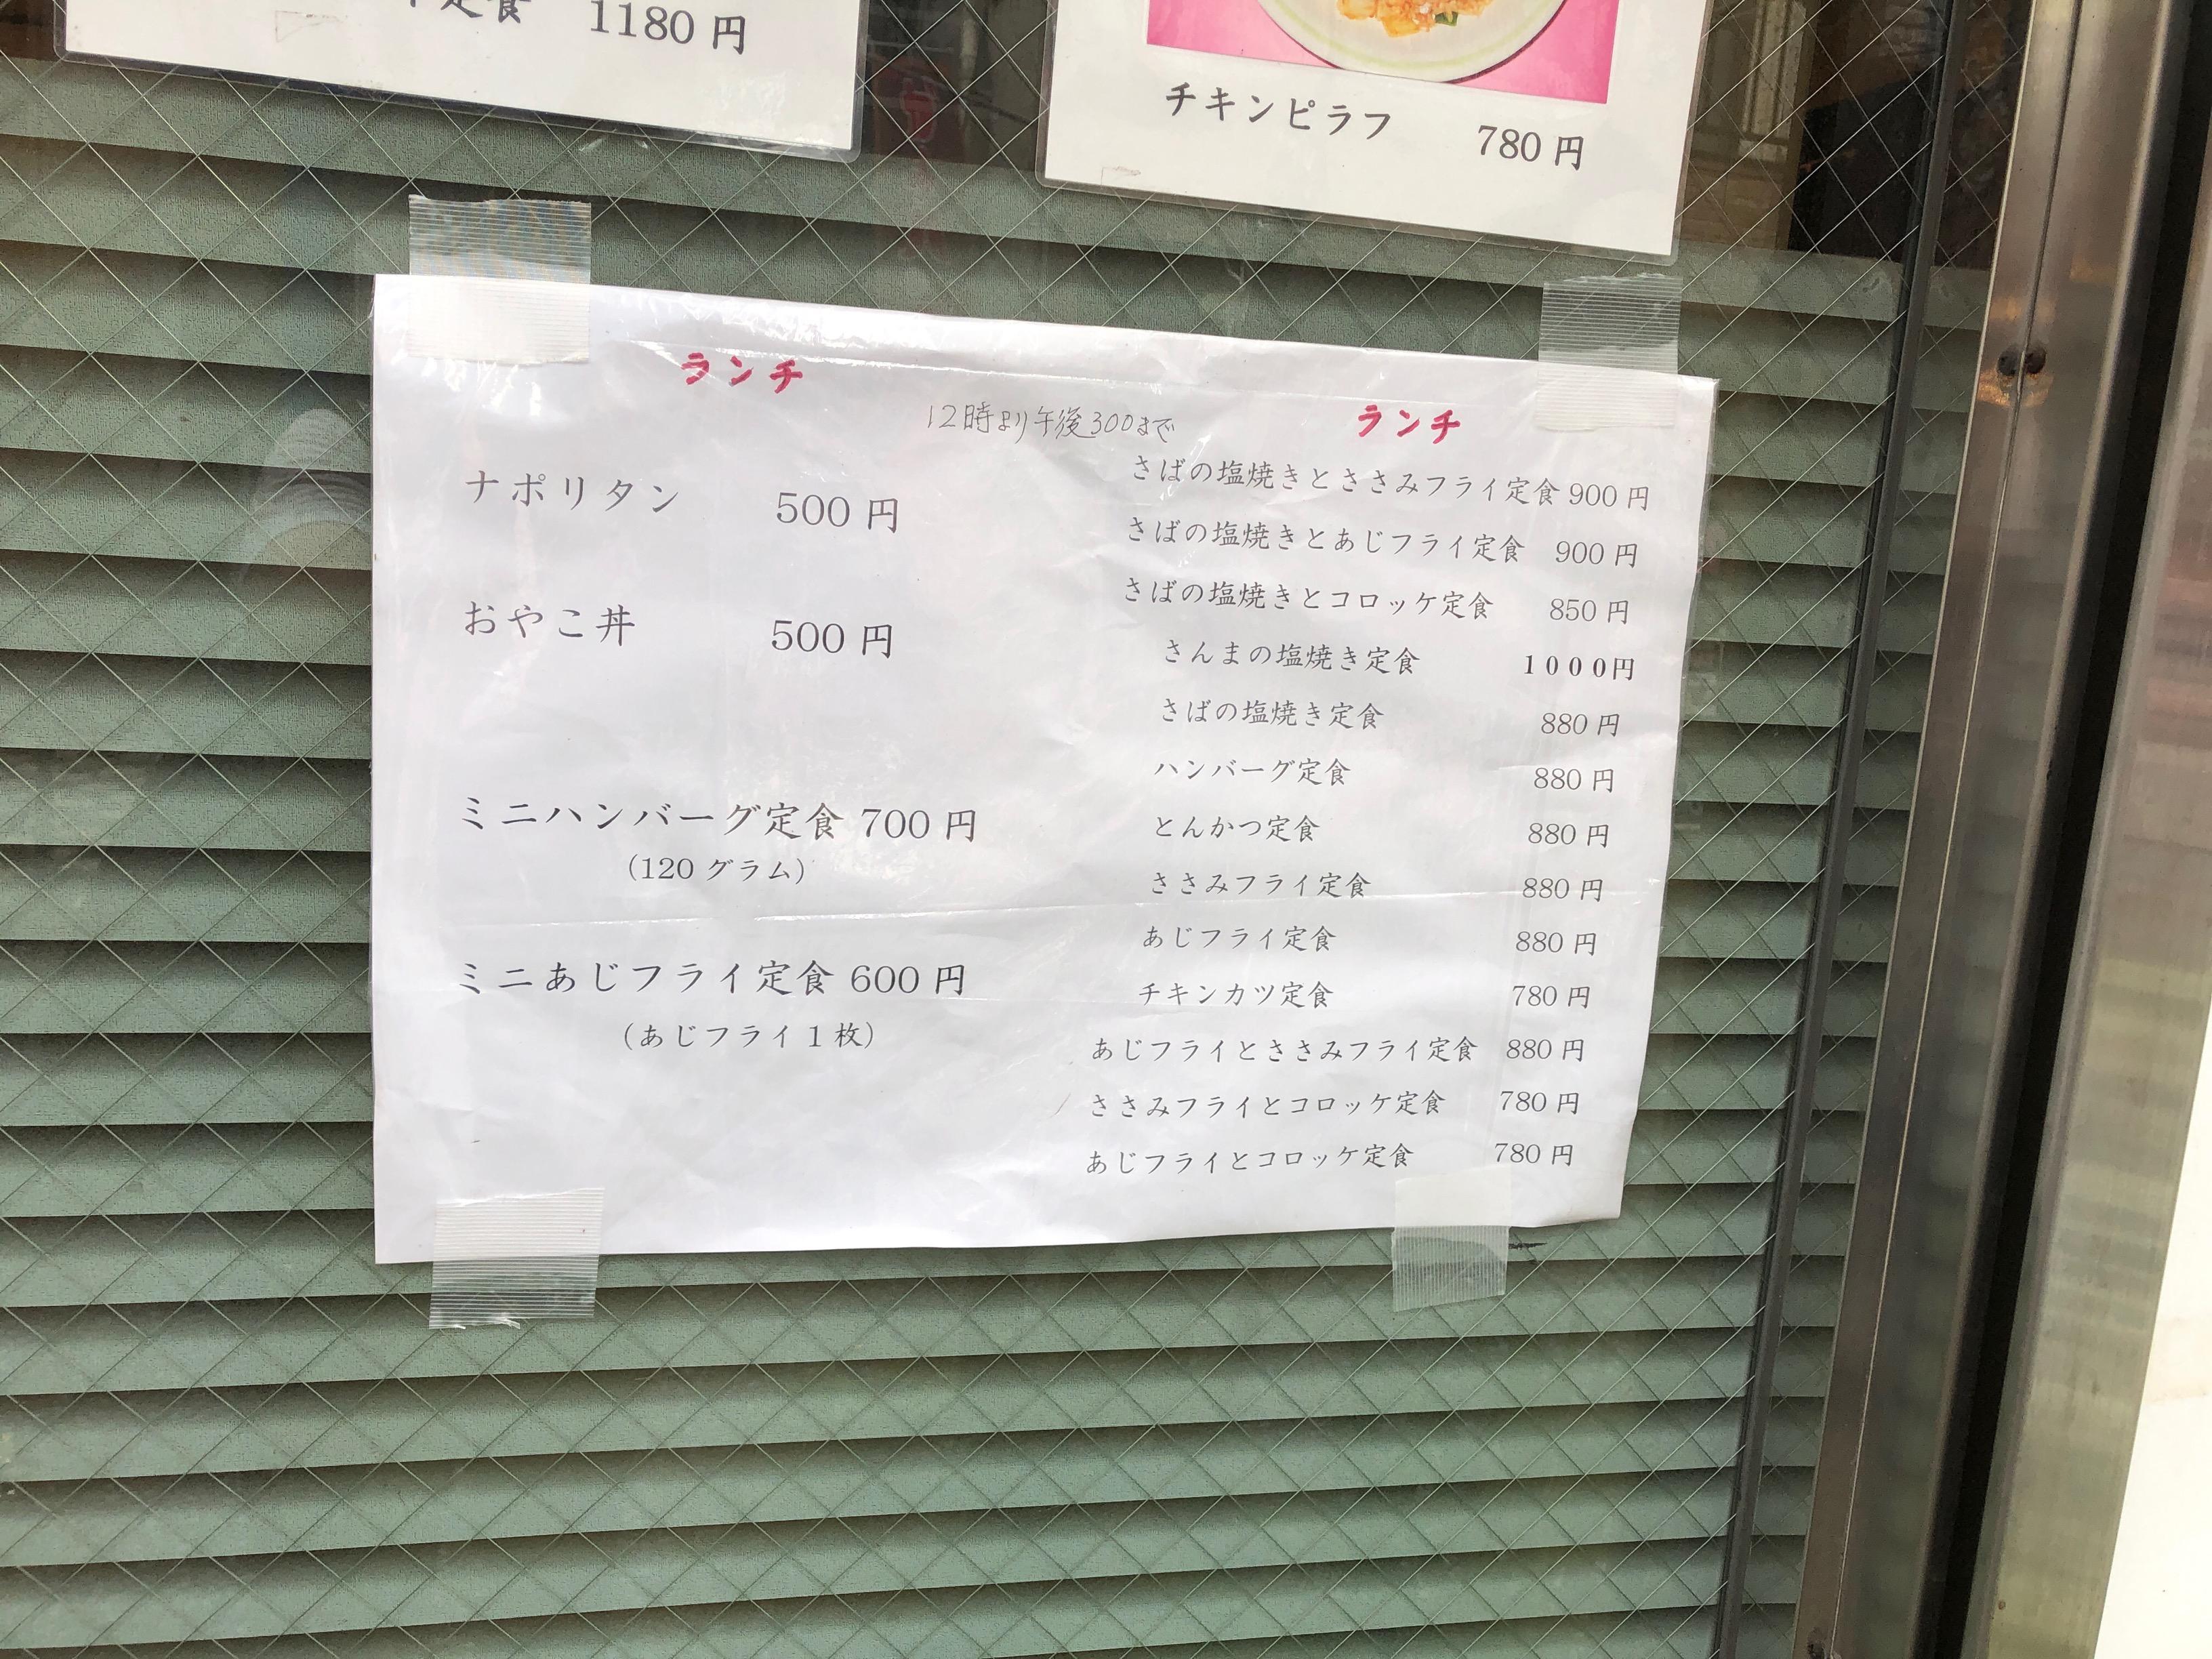 日浦屋 ランチメニュー